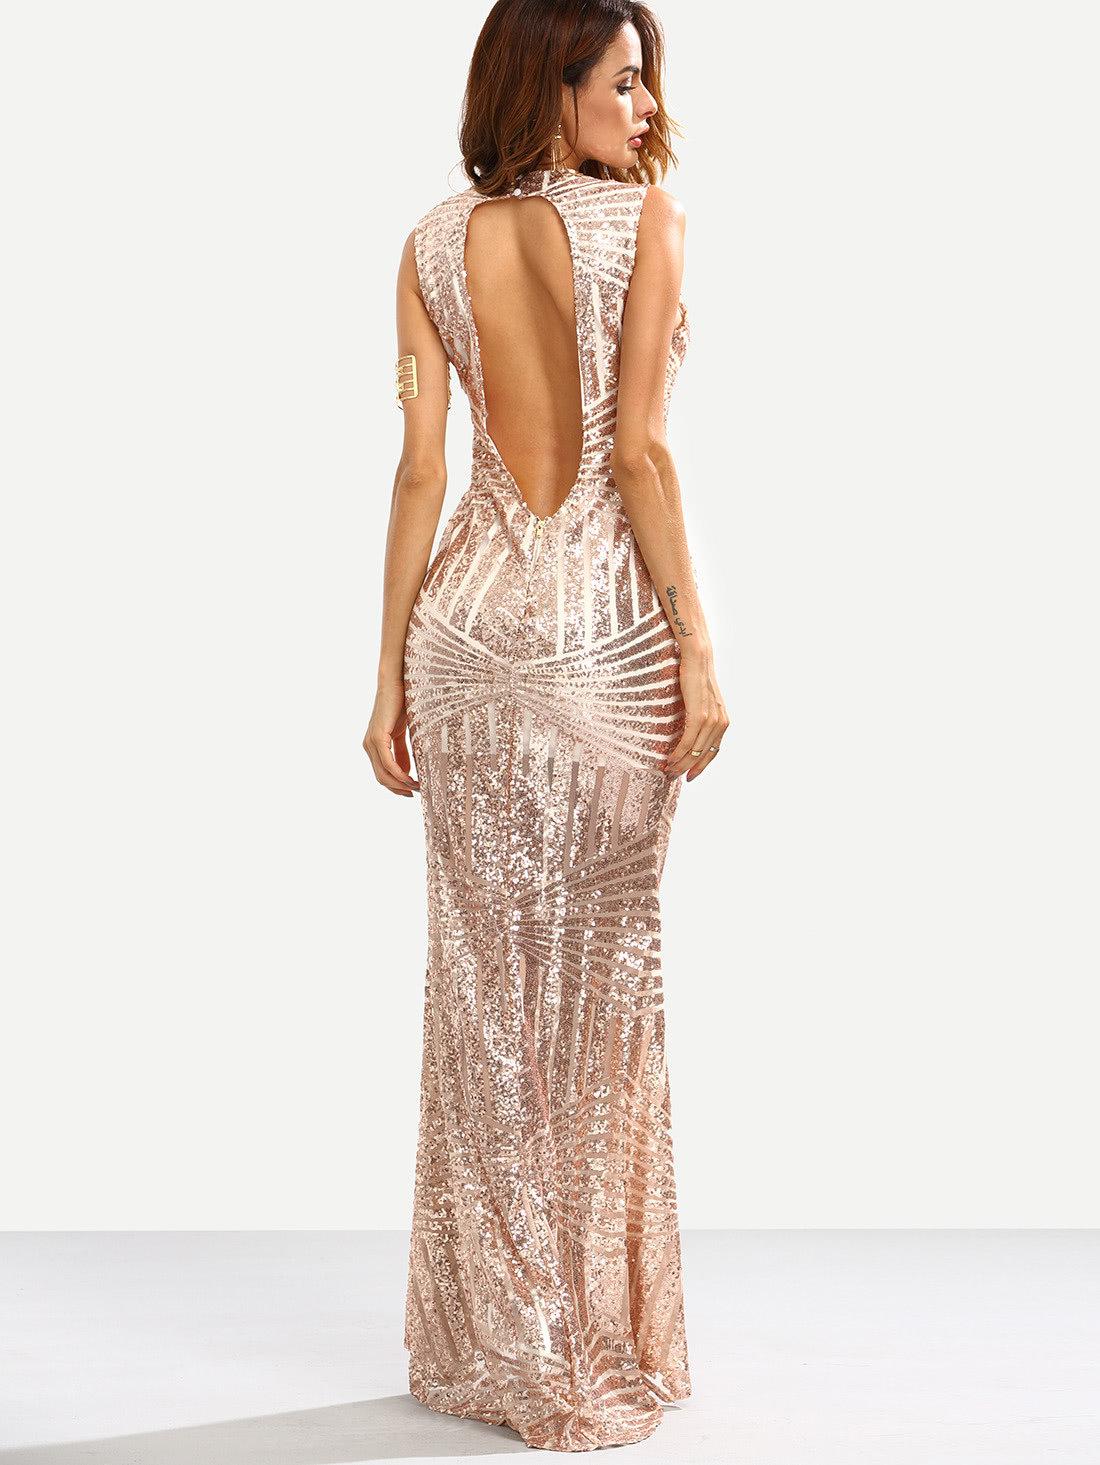 d286416ab16c435 Вечерние платья с открытой спиной 2018 можно условно разделить на длинные и  короткие. В первом и втором случае они похожи размерами выреза на спине.